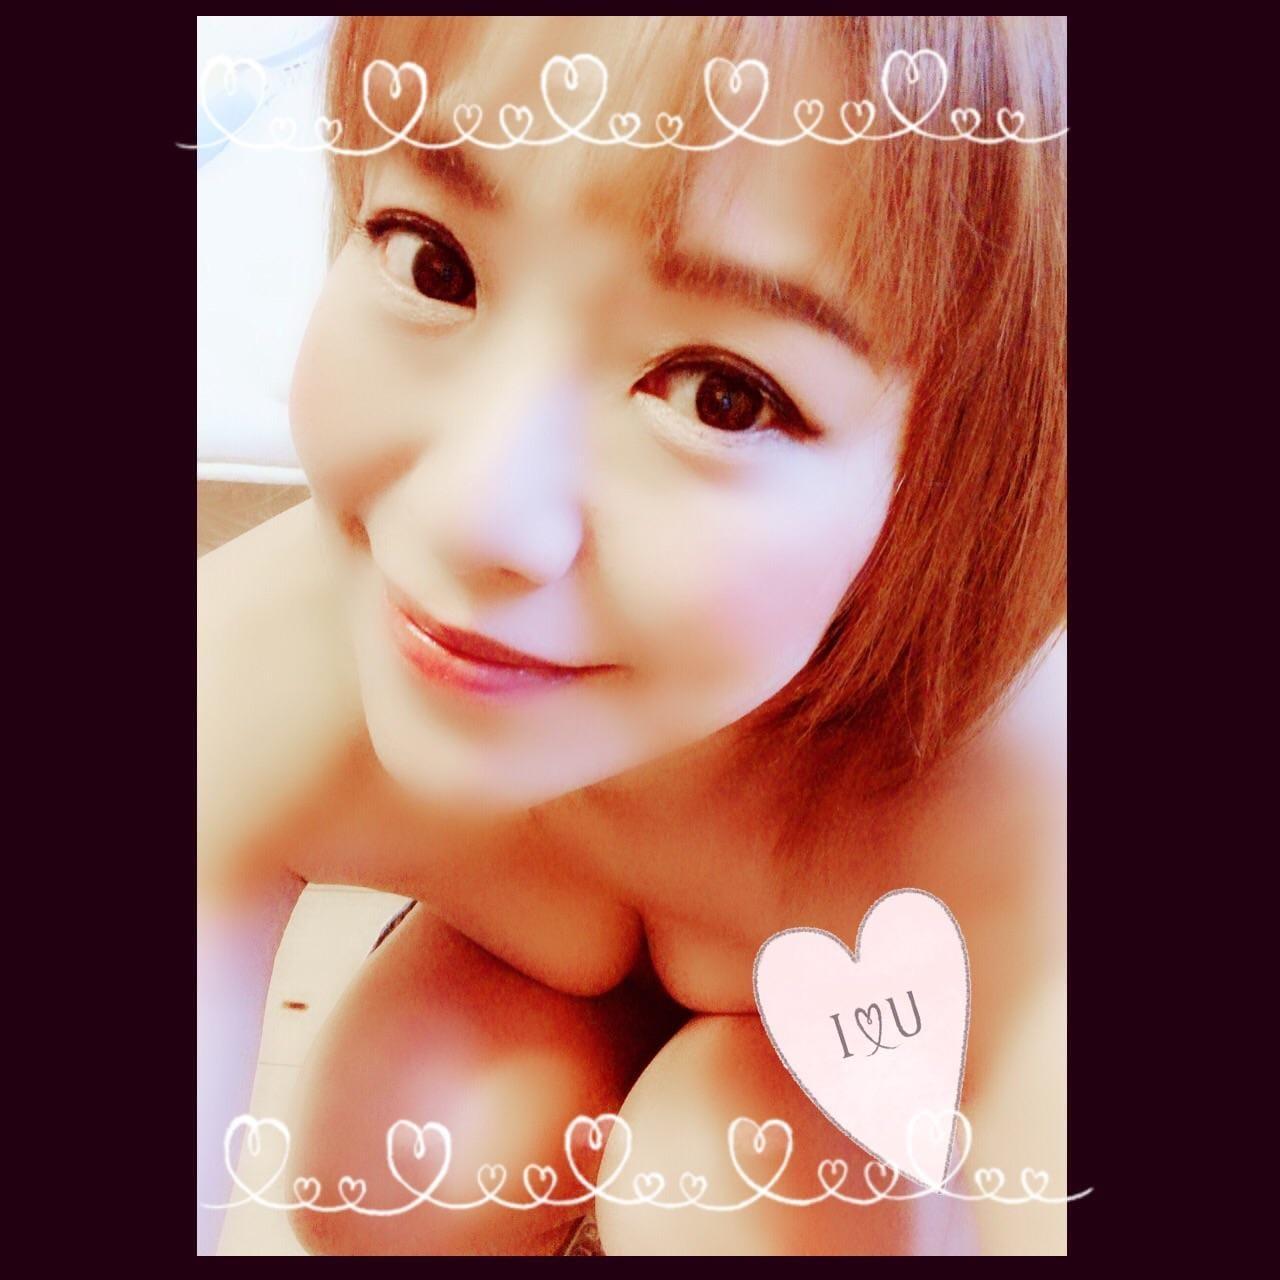 レン「おはよー(❁´ω`❁)」06/18(月) 18:07   レンの写メ・風俗動画